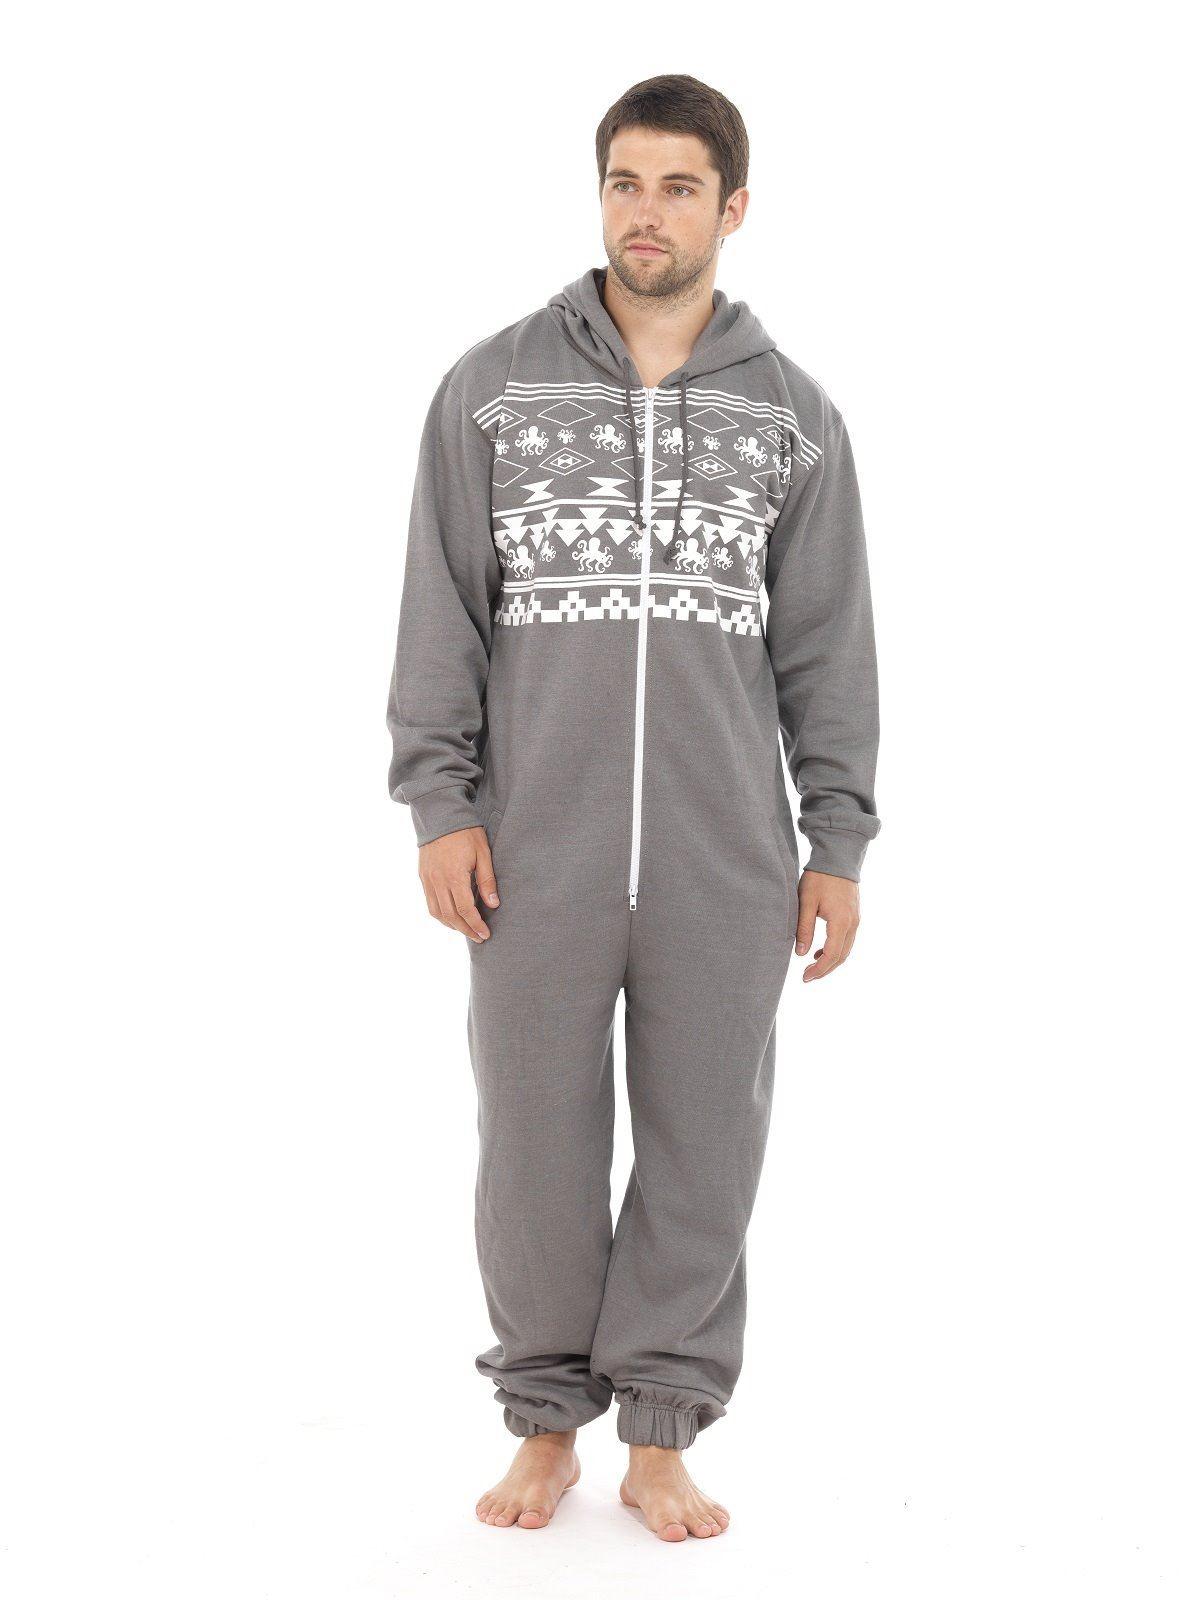 Combinaisons homme pyjama - Combinaison polaire homme ...